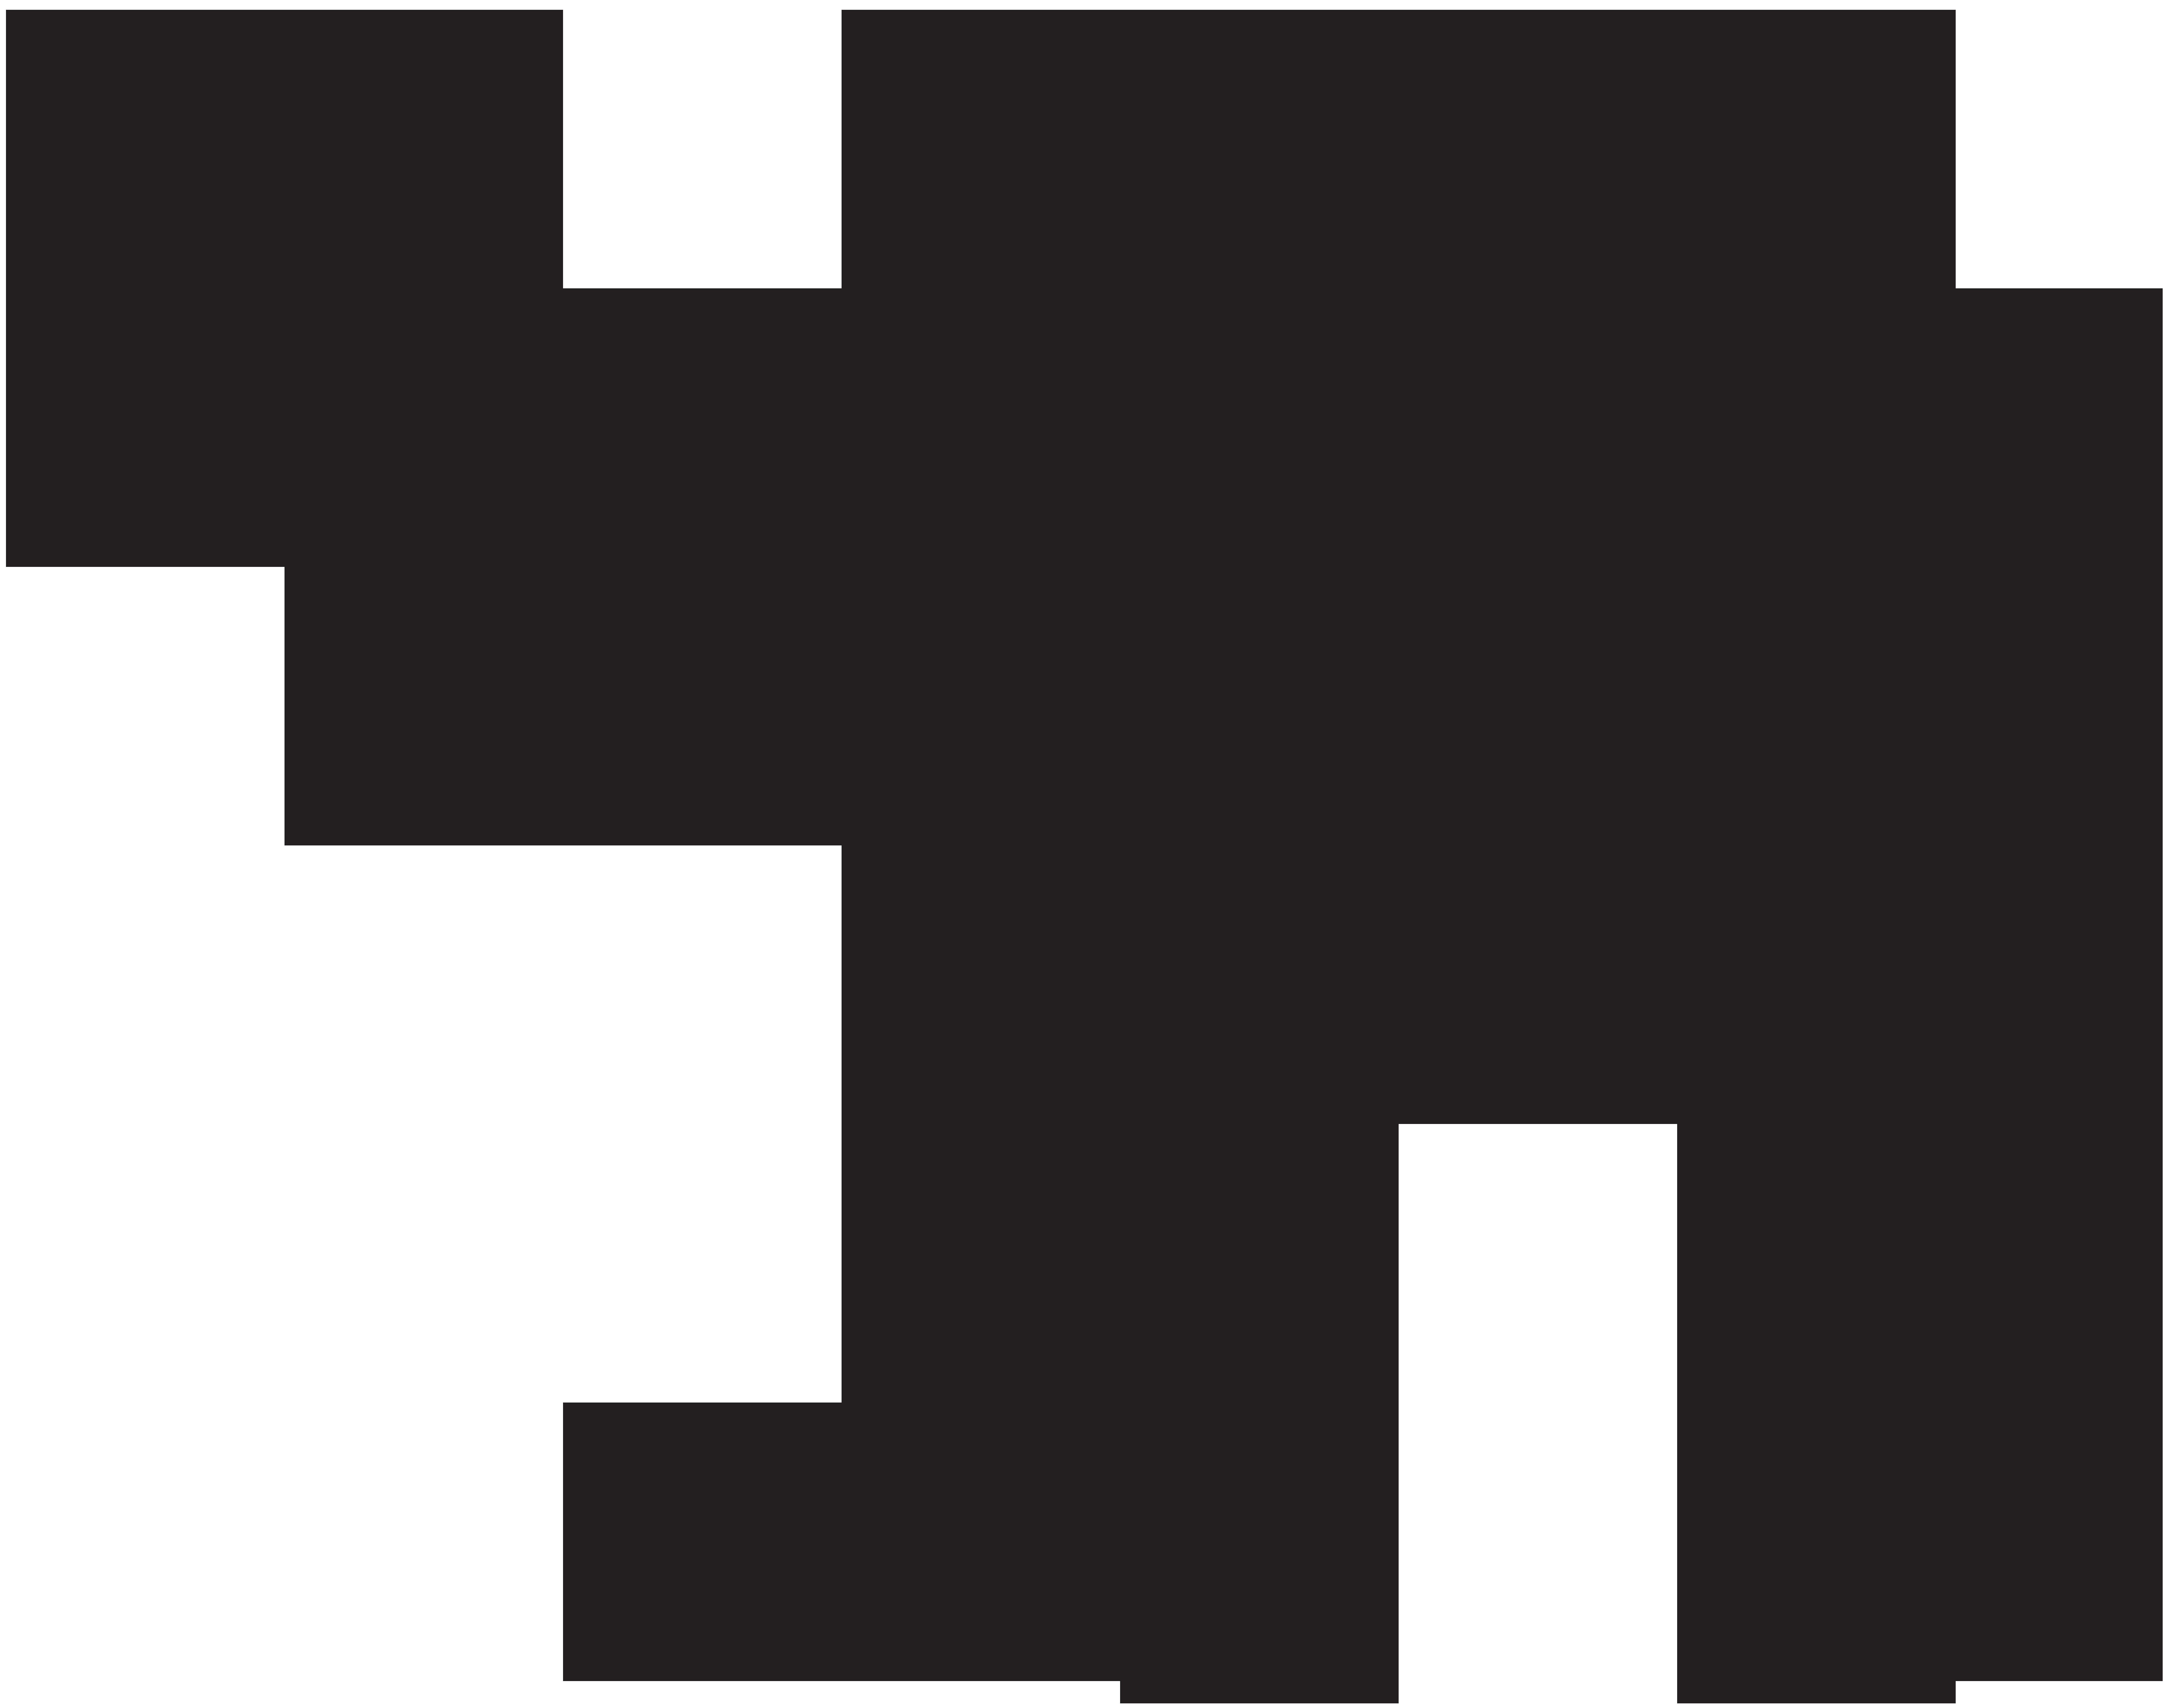 Silhouette clipart camel. Transparent png clip art